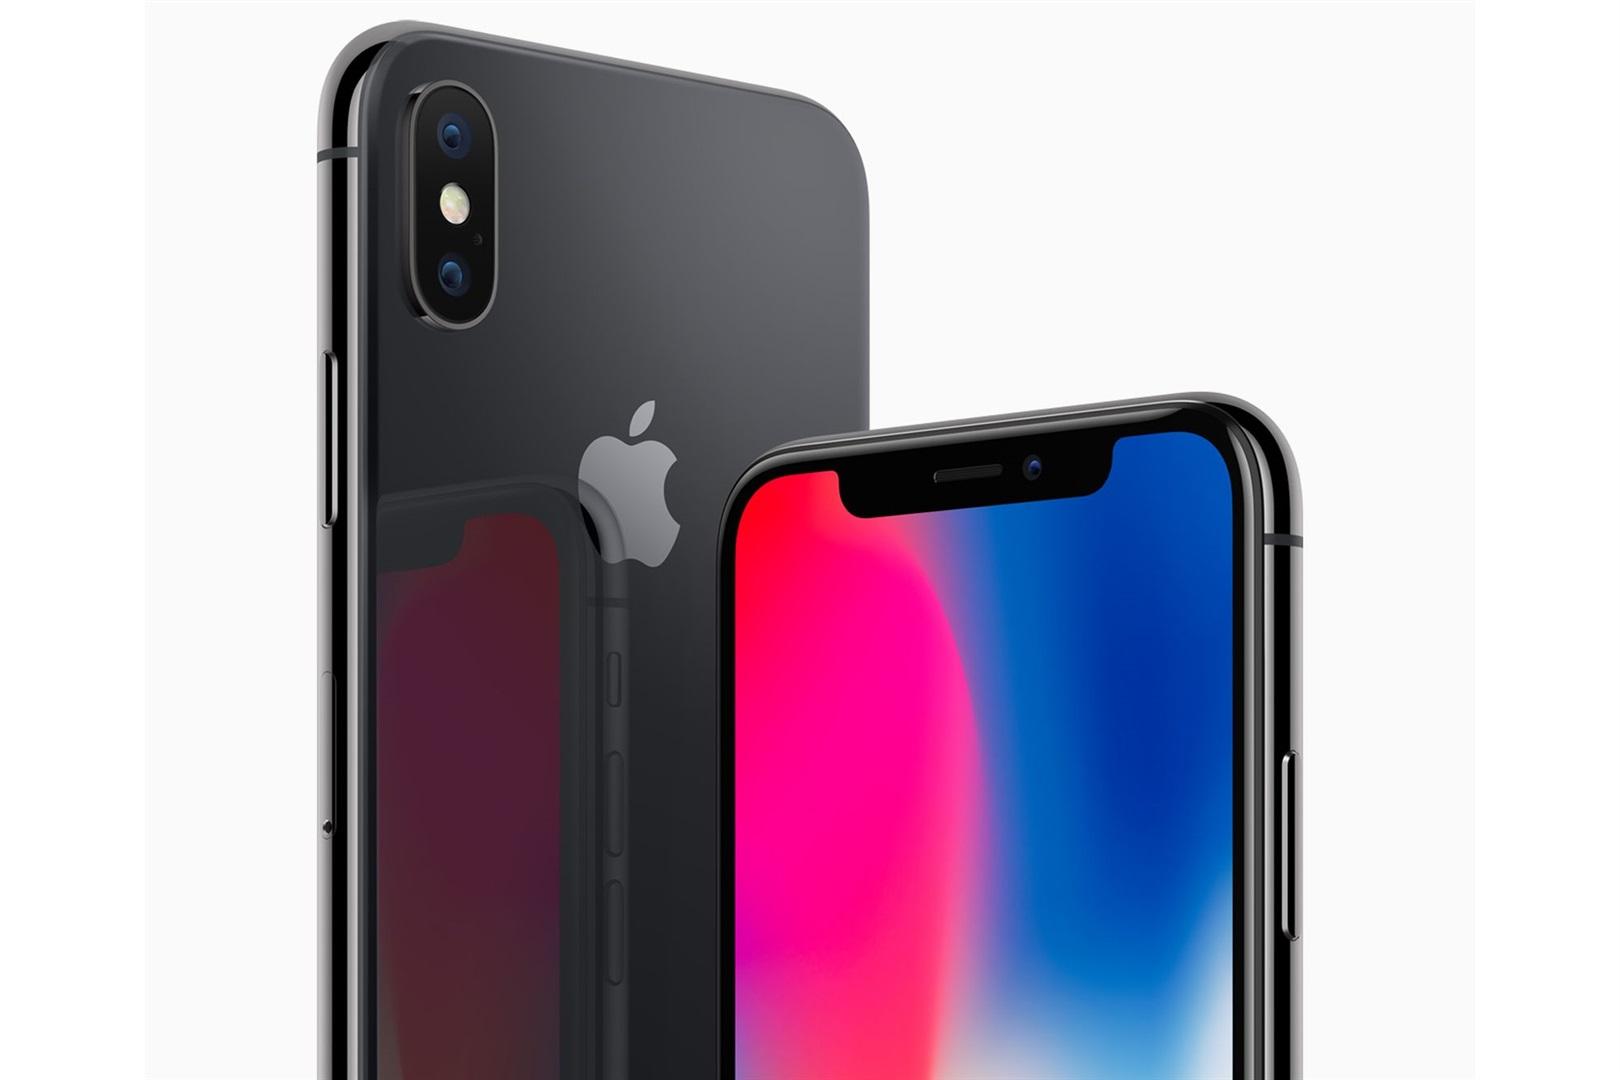 os elementos distintivos del iPhone X: la pestaña con los sensores en el frente del equipo, y la doble cámara trasera en posición vertical.